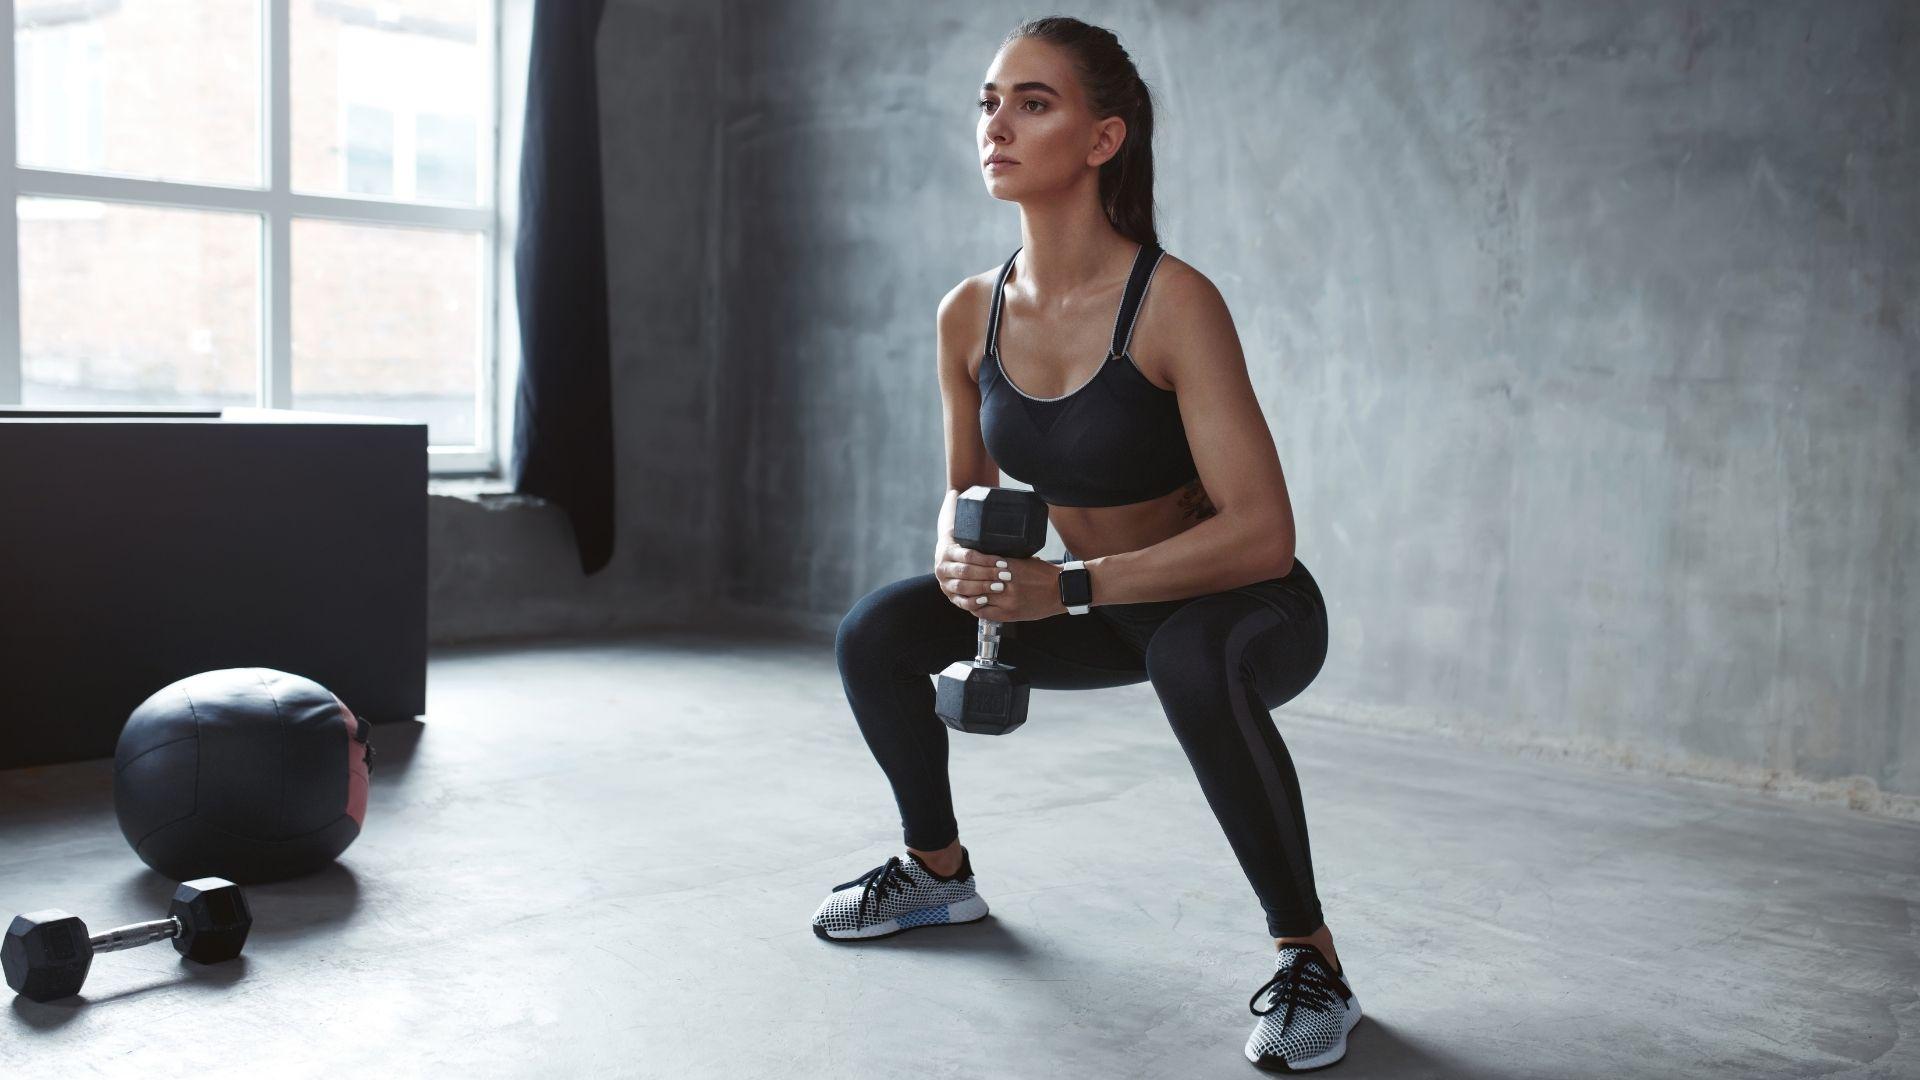 Gluteus maximus trainieren: Übungen für zuhause